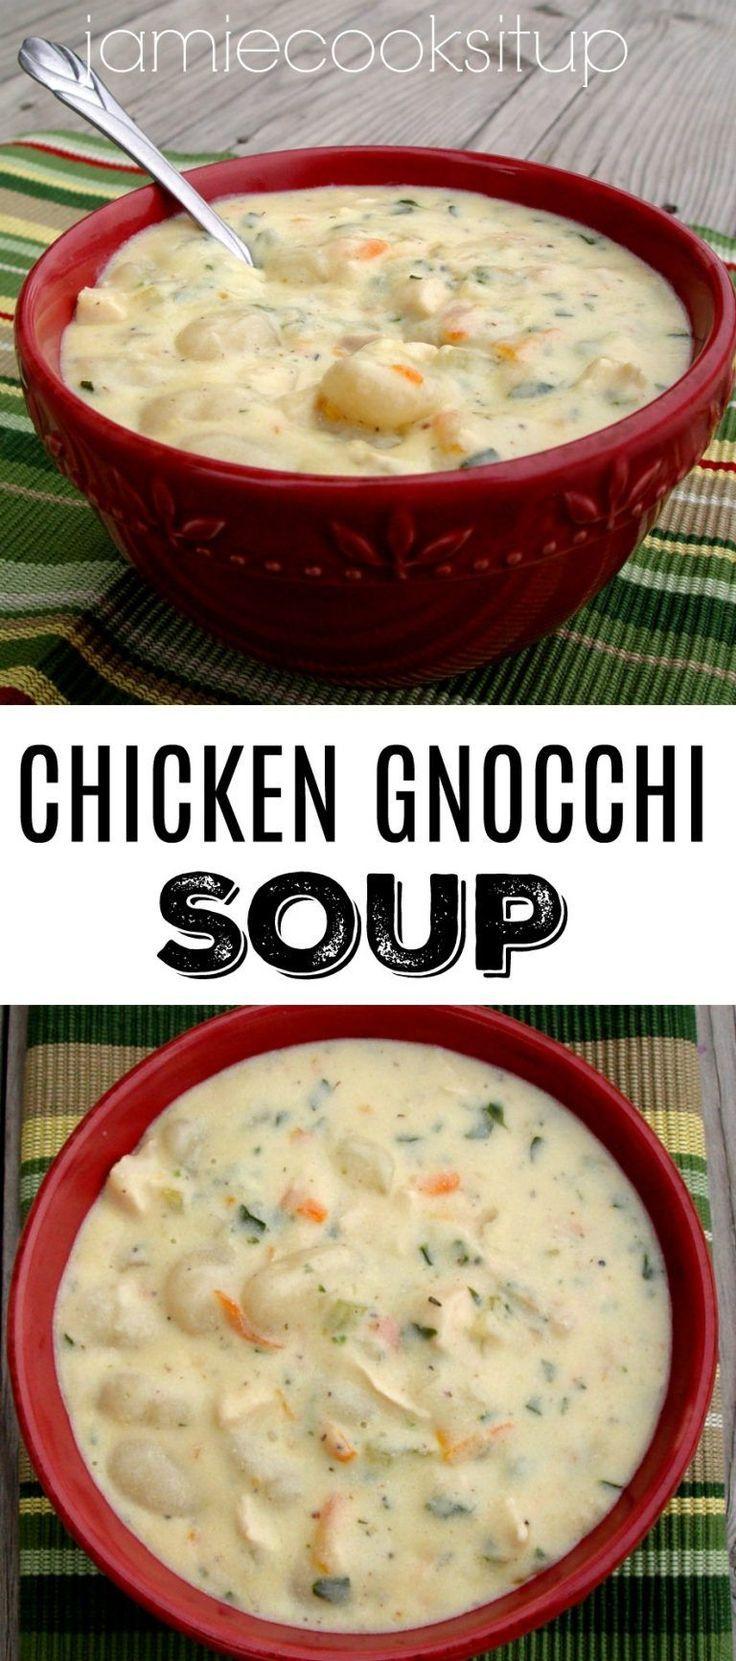 Hühnchen-Gnocchi-Suppe Letzte Woche war hier in Utah die Sonne ausgegangen. Es war wirklich raus #healthycrockpotchickenrecipes